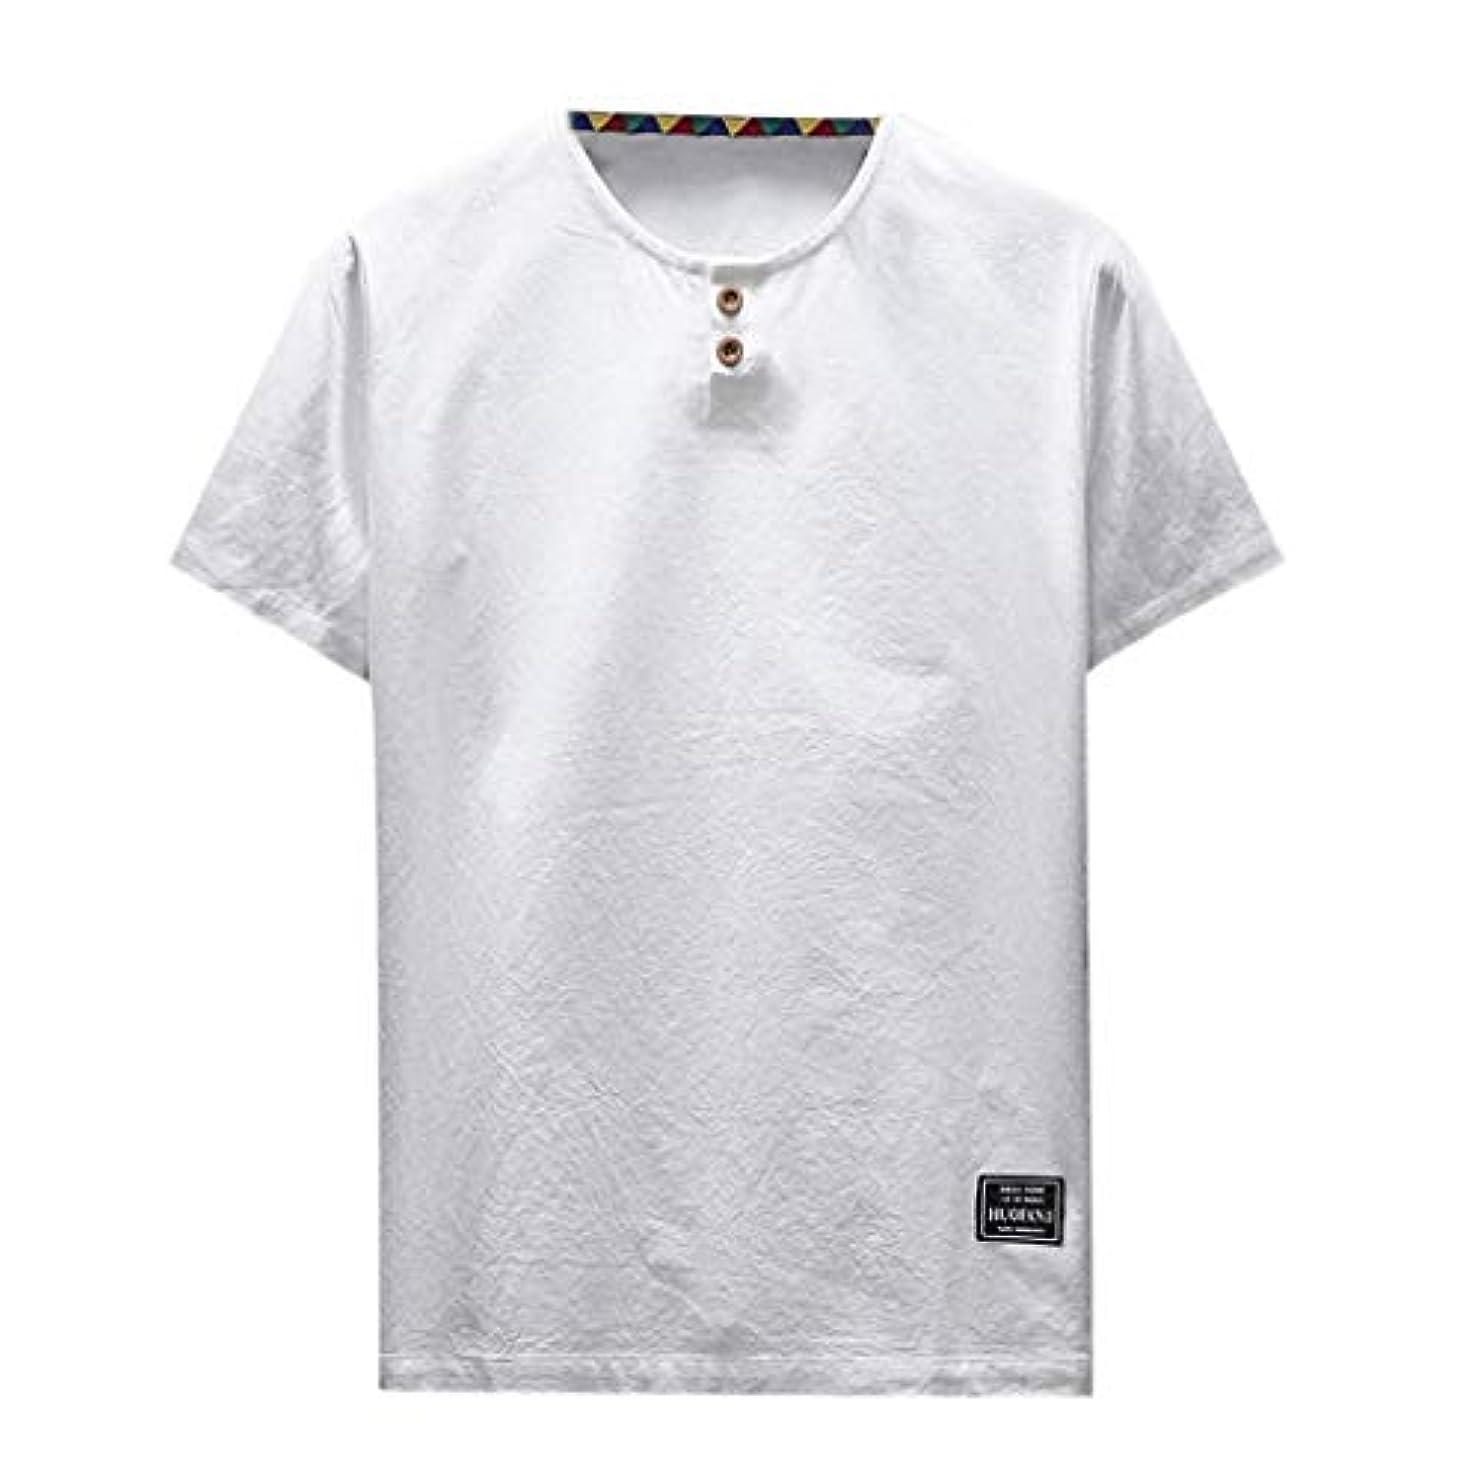 首相利点スライスOD企画 Tシャツ メンズ 半袖 シャツ メンズ tシャツ メンズ おおきいサイズ 日系 綿麻 丸首 半袖シャツ シャツ 半袖 ブラウス トップス ゆるtシャツ 春夏節対応 おしゃれ ゆったり カットソー ファッション 夏服